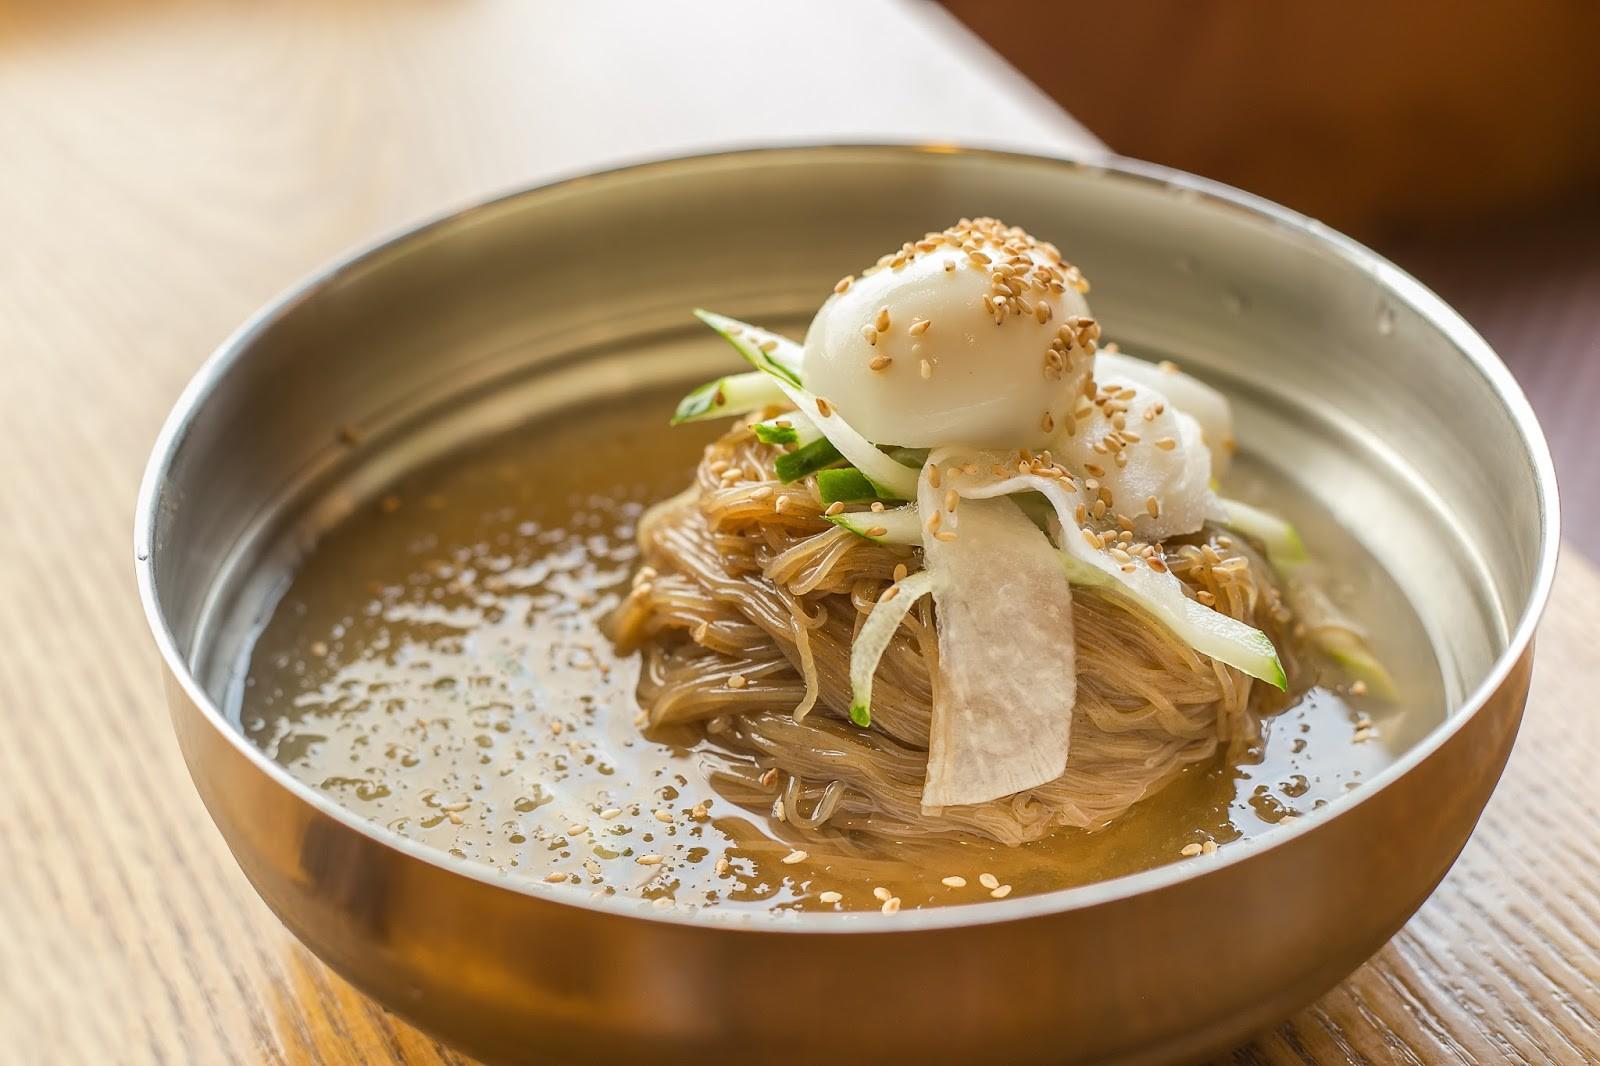 Ngoài ra nhà hàng còn có rất nhiều các món ăn truyền thống Nhật Bản, và không thể không kể đến đó là mì lạnh